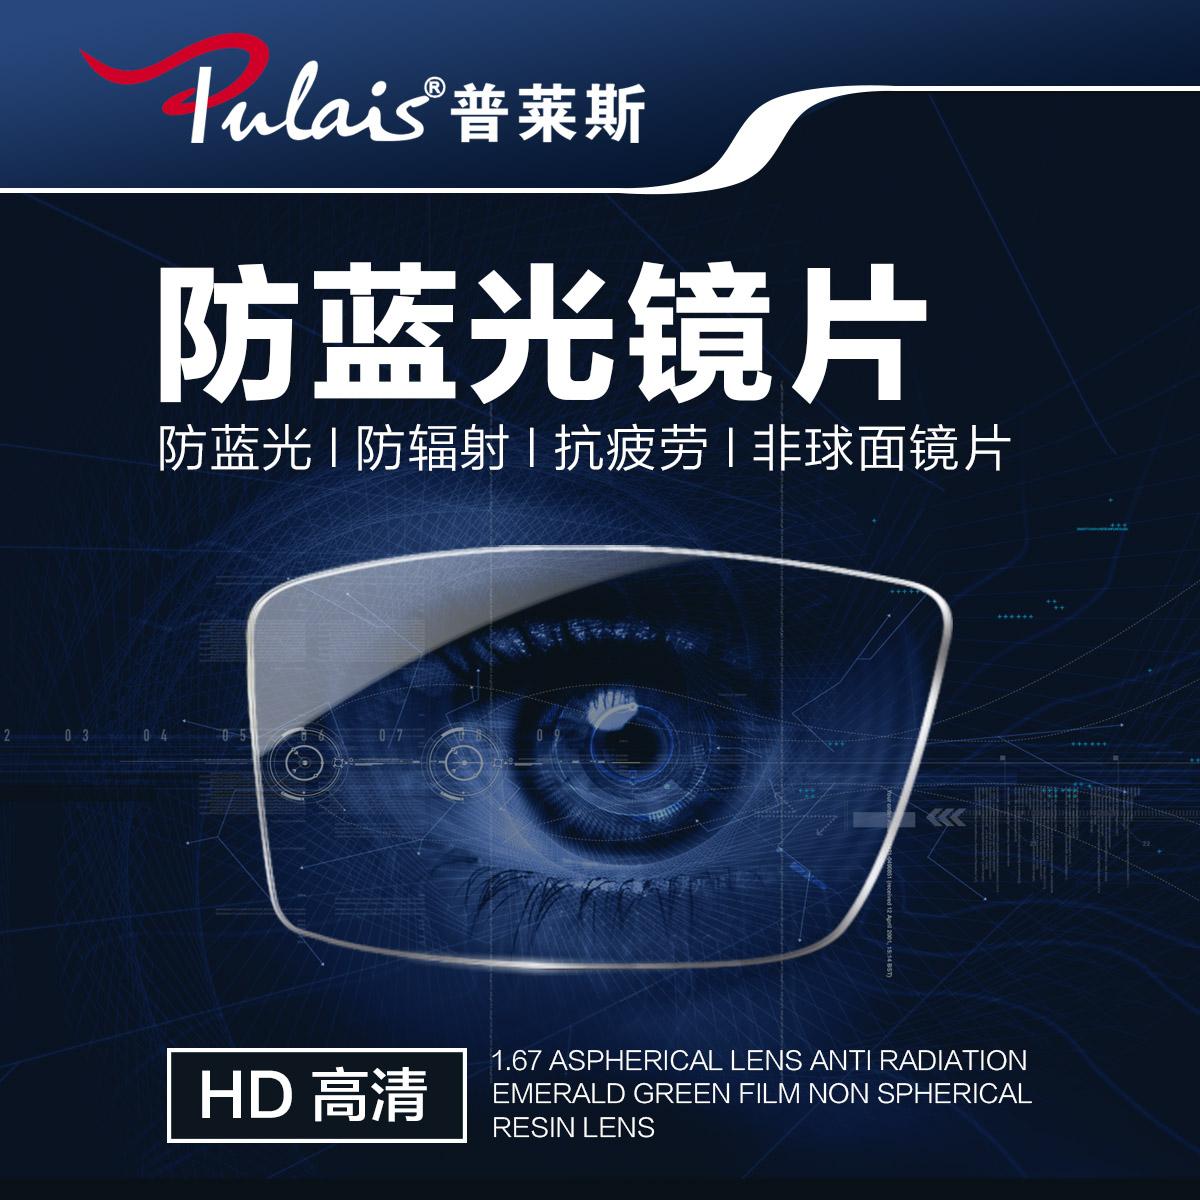 普莱斯1.61 1.67防蓝光镜片 防辐射眼镜镜片1.74非球面近视眼镜片